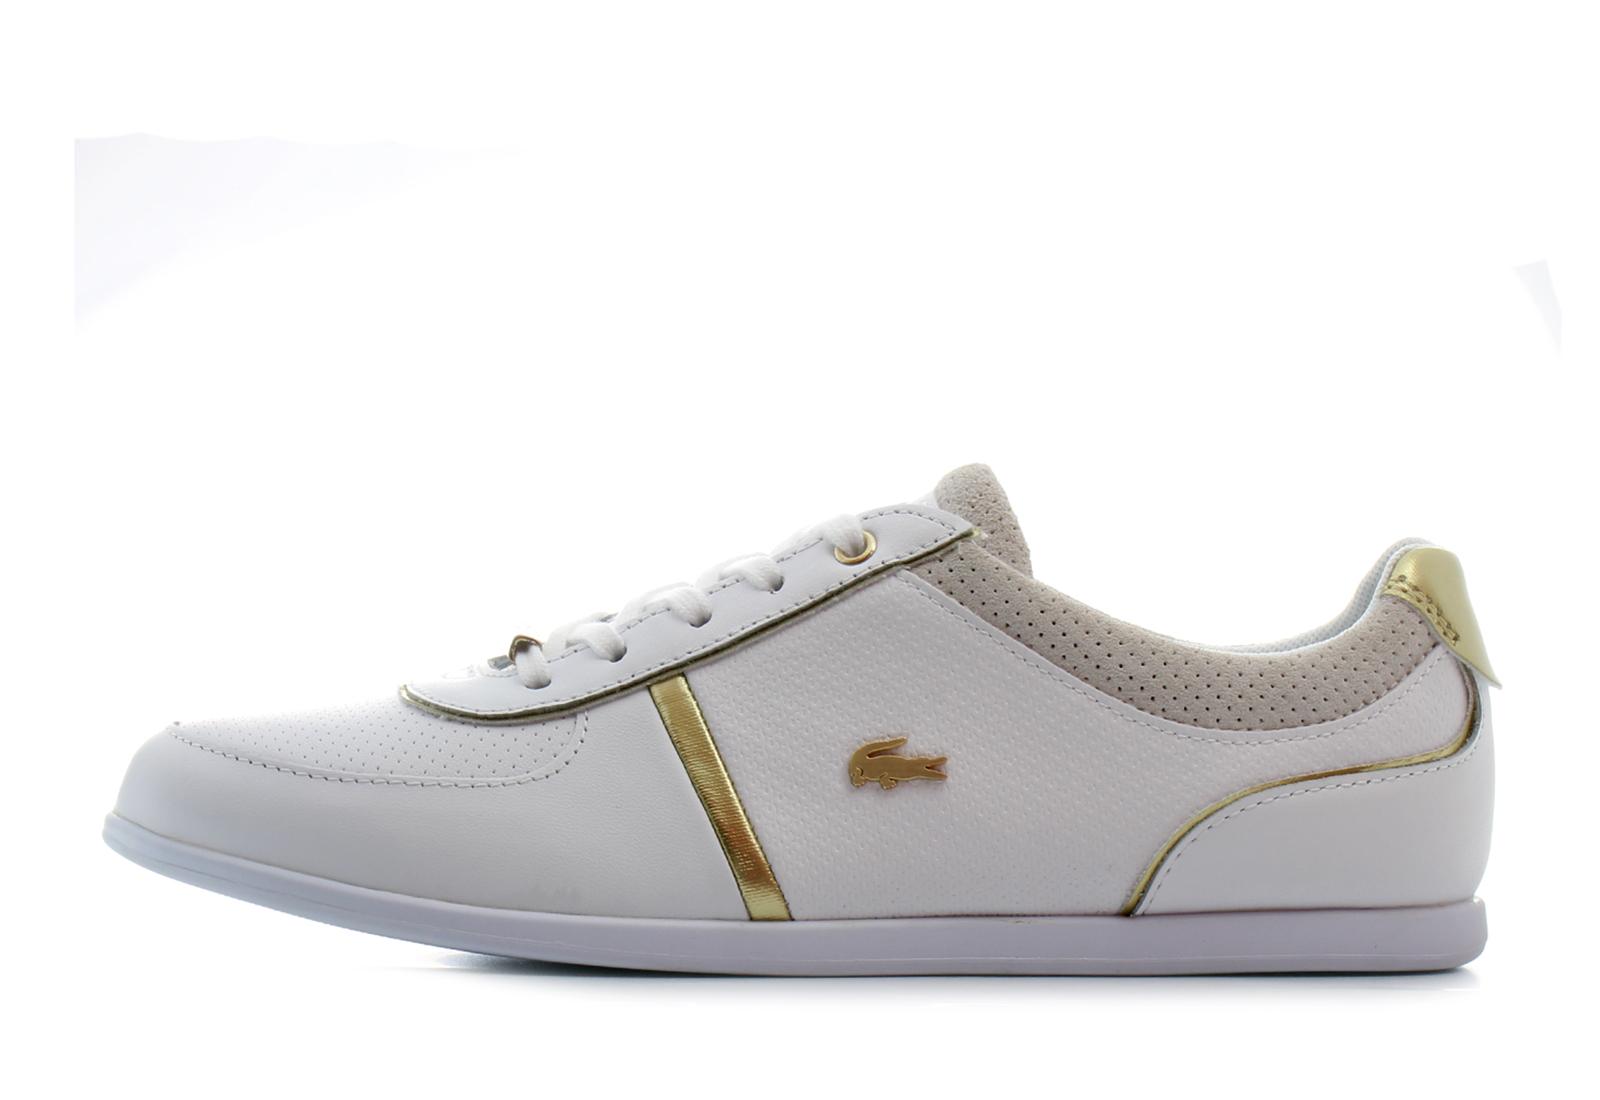 86a1474ea6 Lacoste Shoes - Rey U Throat 118 1 - 181caw0061-21g - Online shop ...